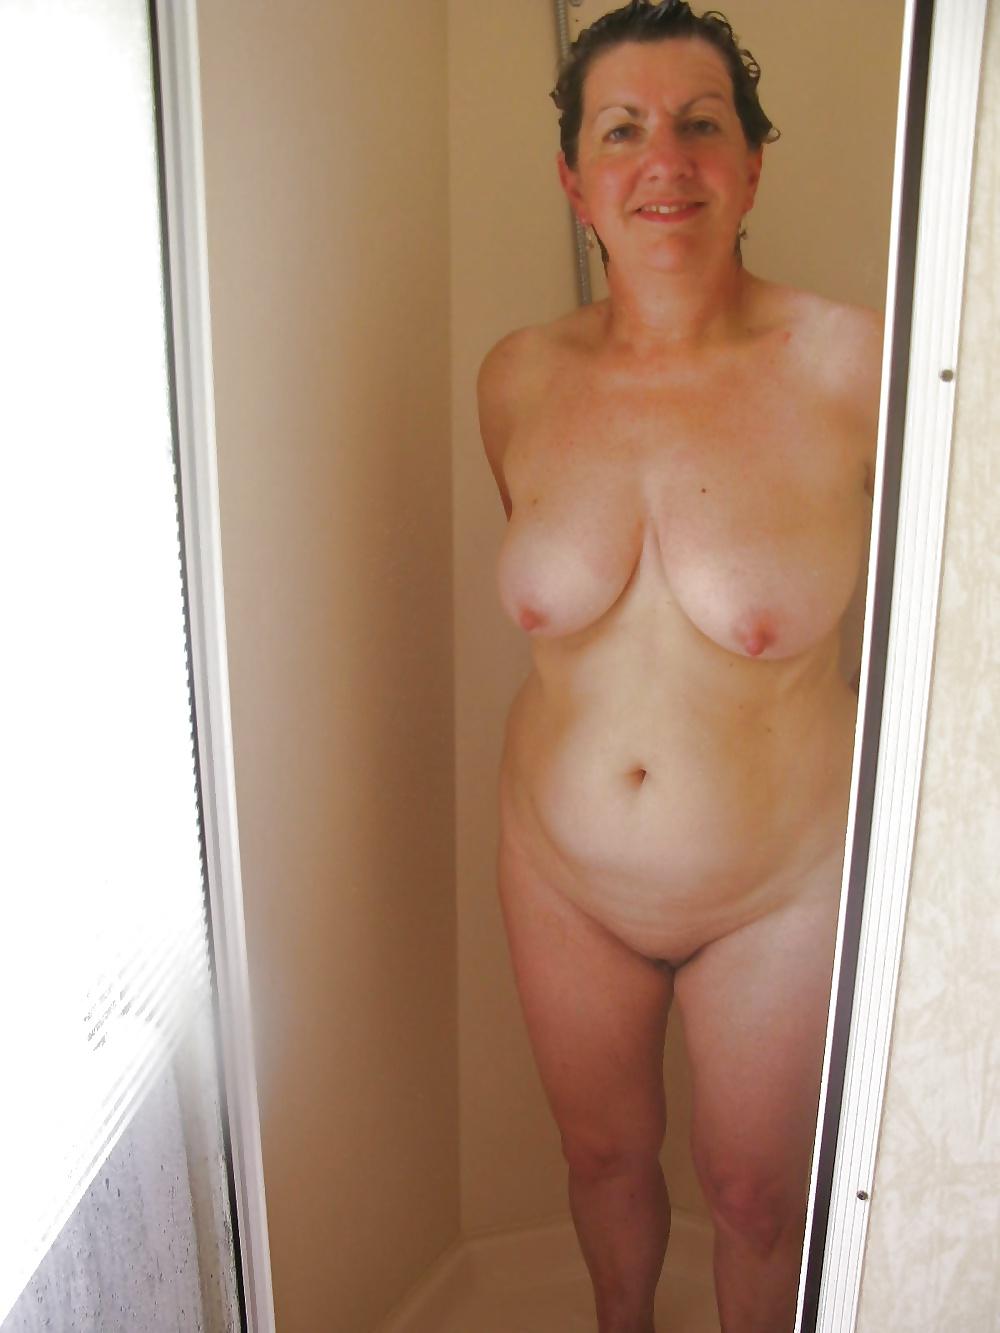 30-40 år gamla kvinnor i sexig position i fria bilder